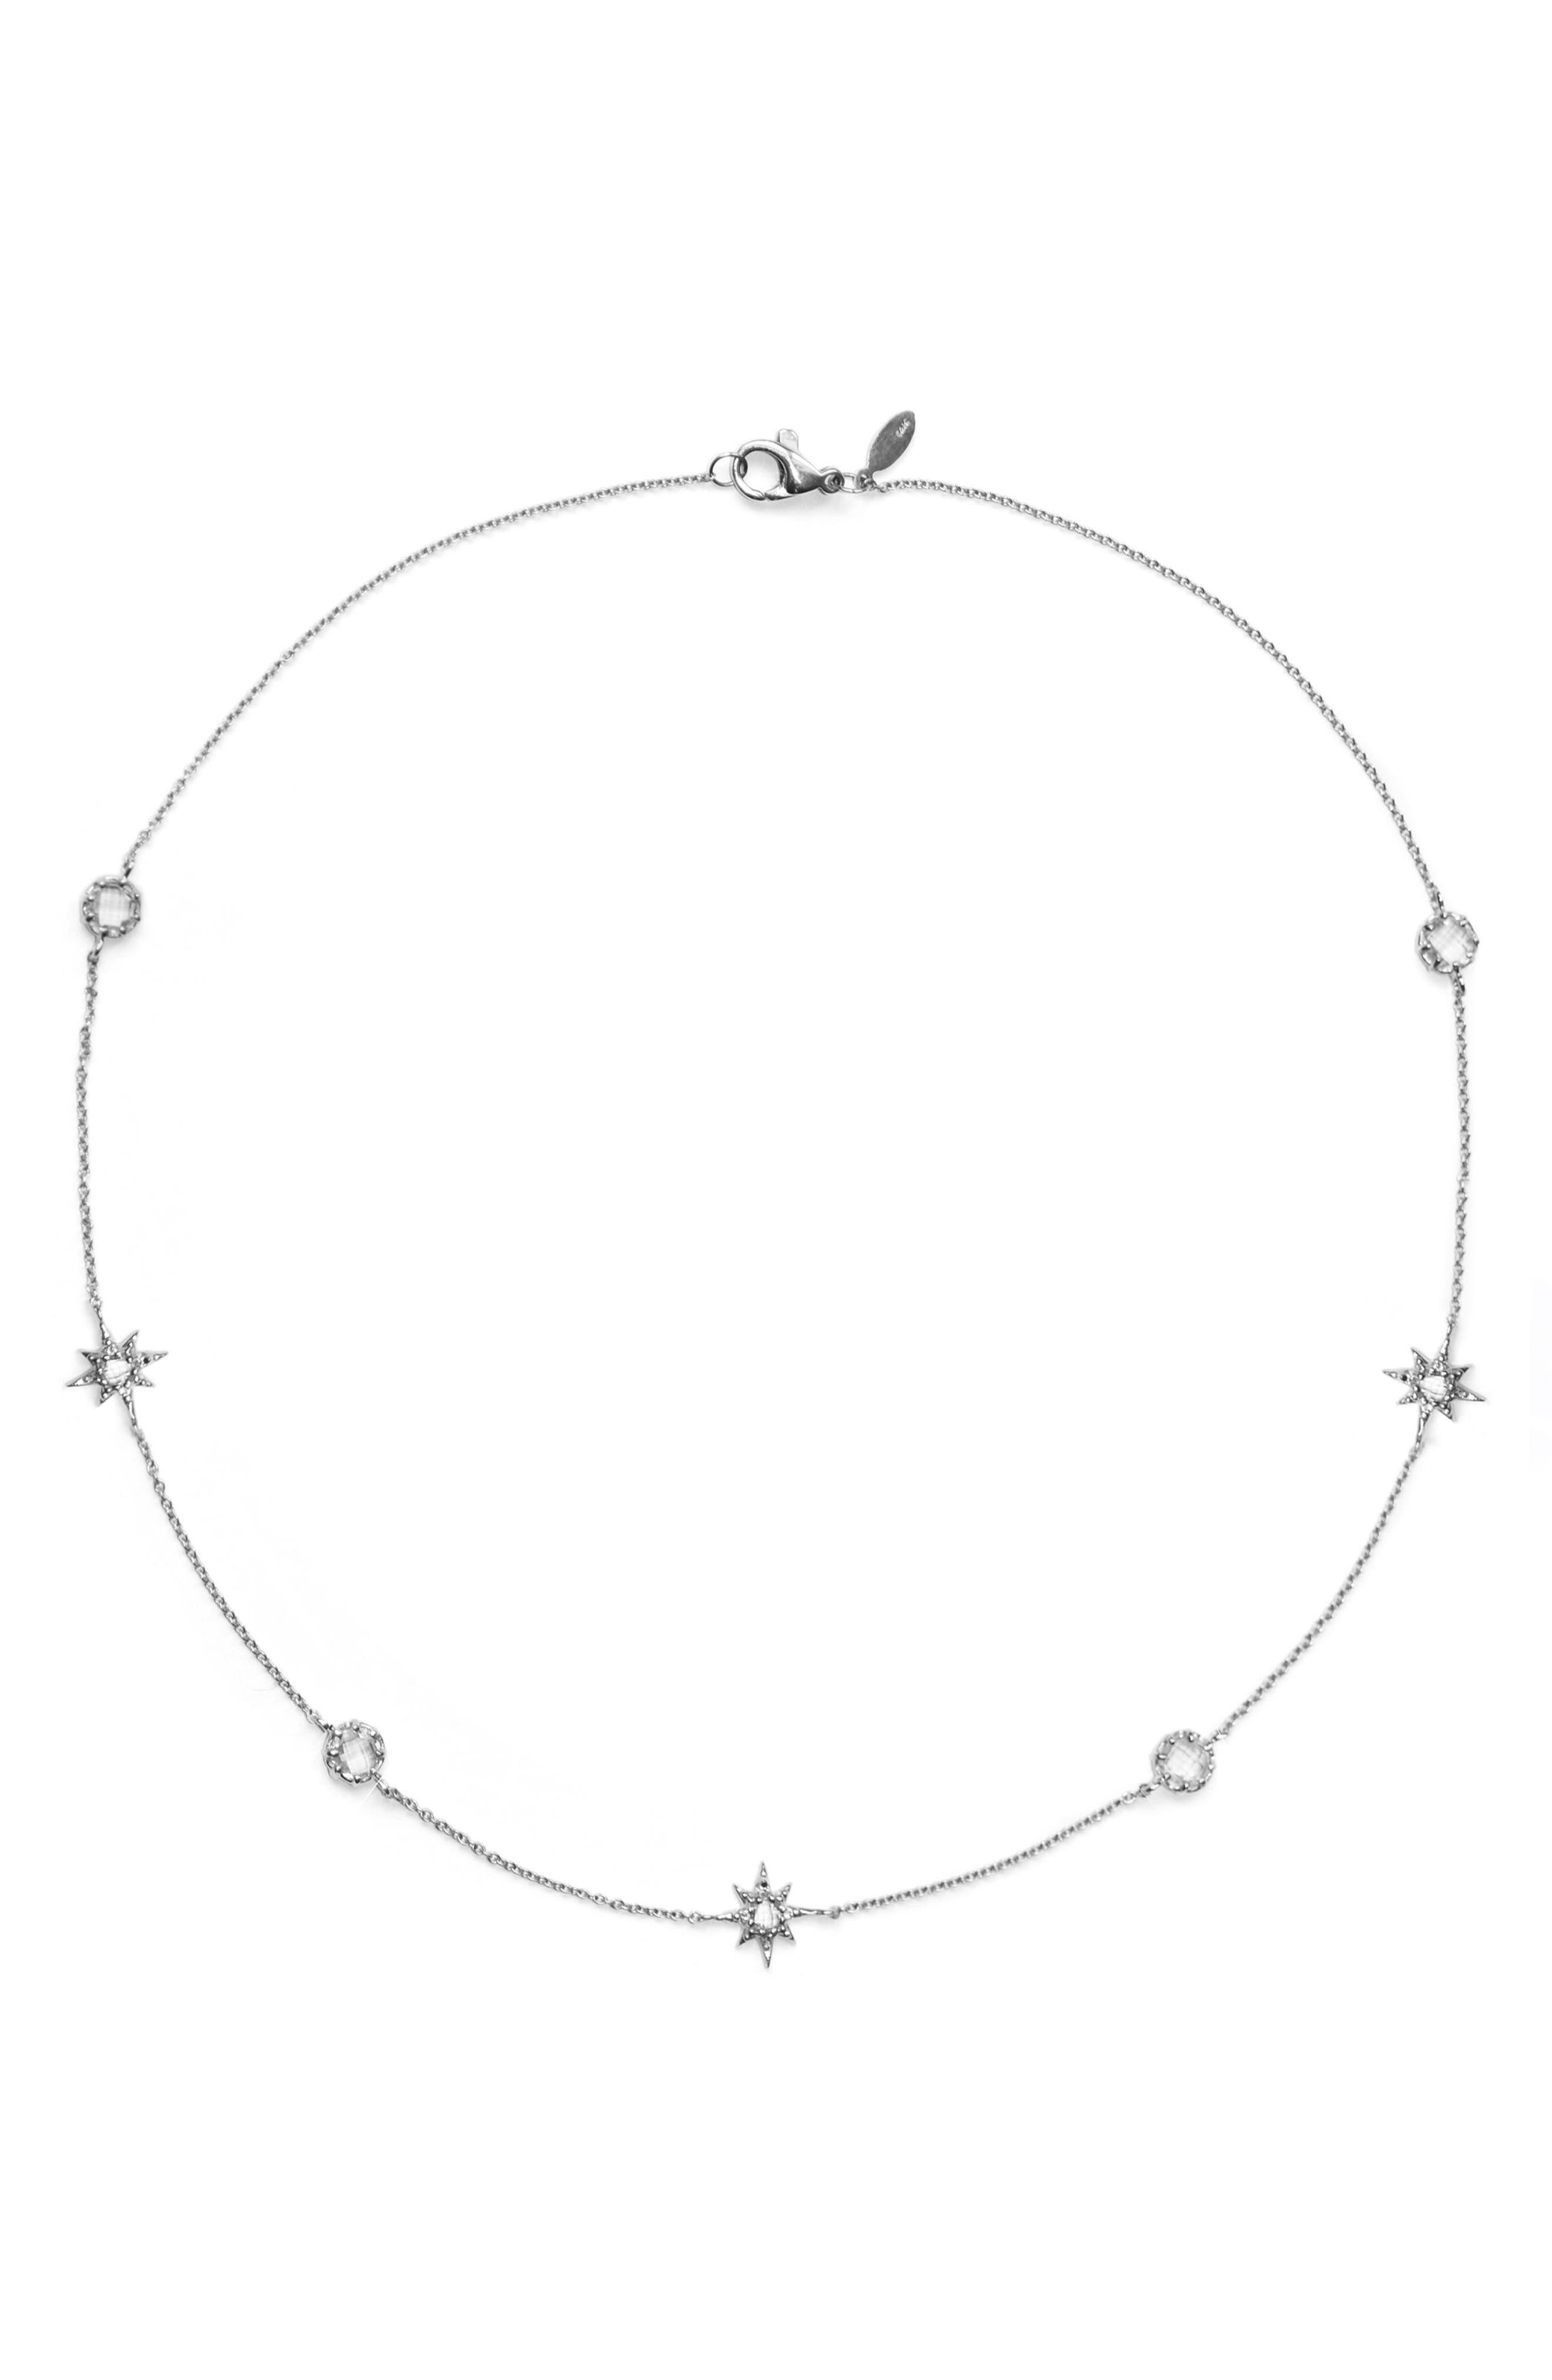 Aztec Sunburst White Topaz Charm Necklace,                             Main thumbnail 1, color,                             Silver